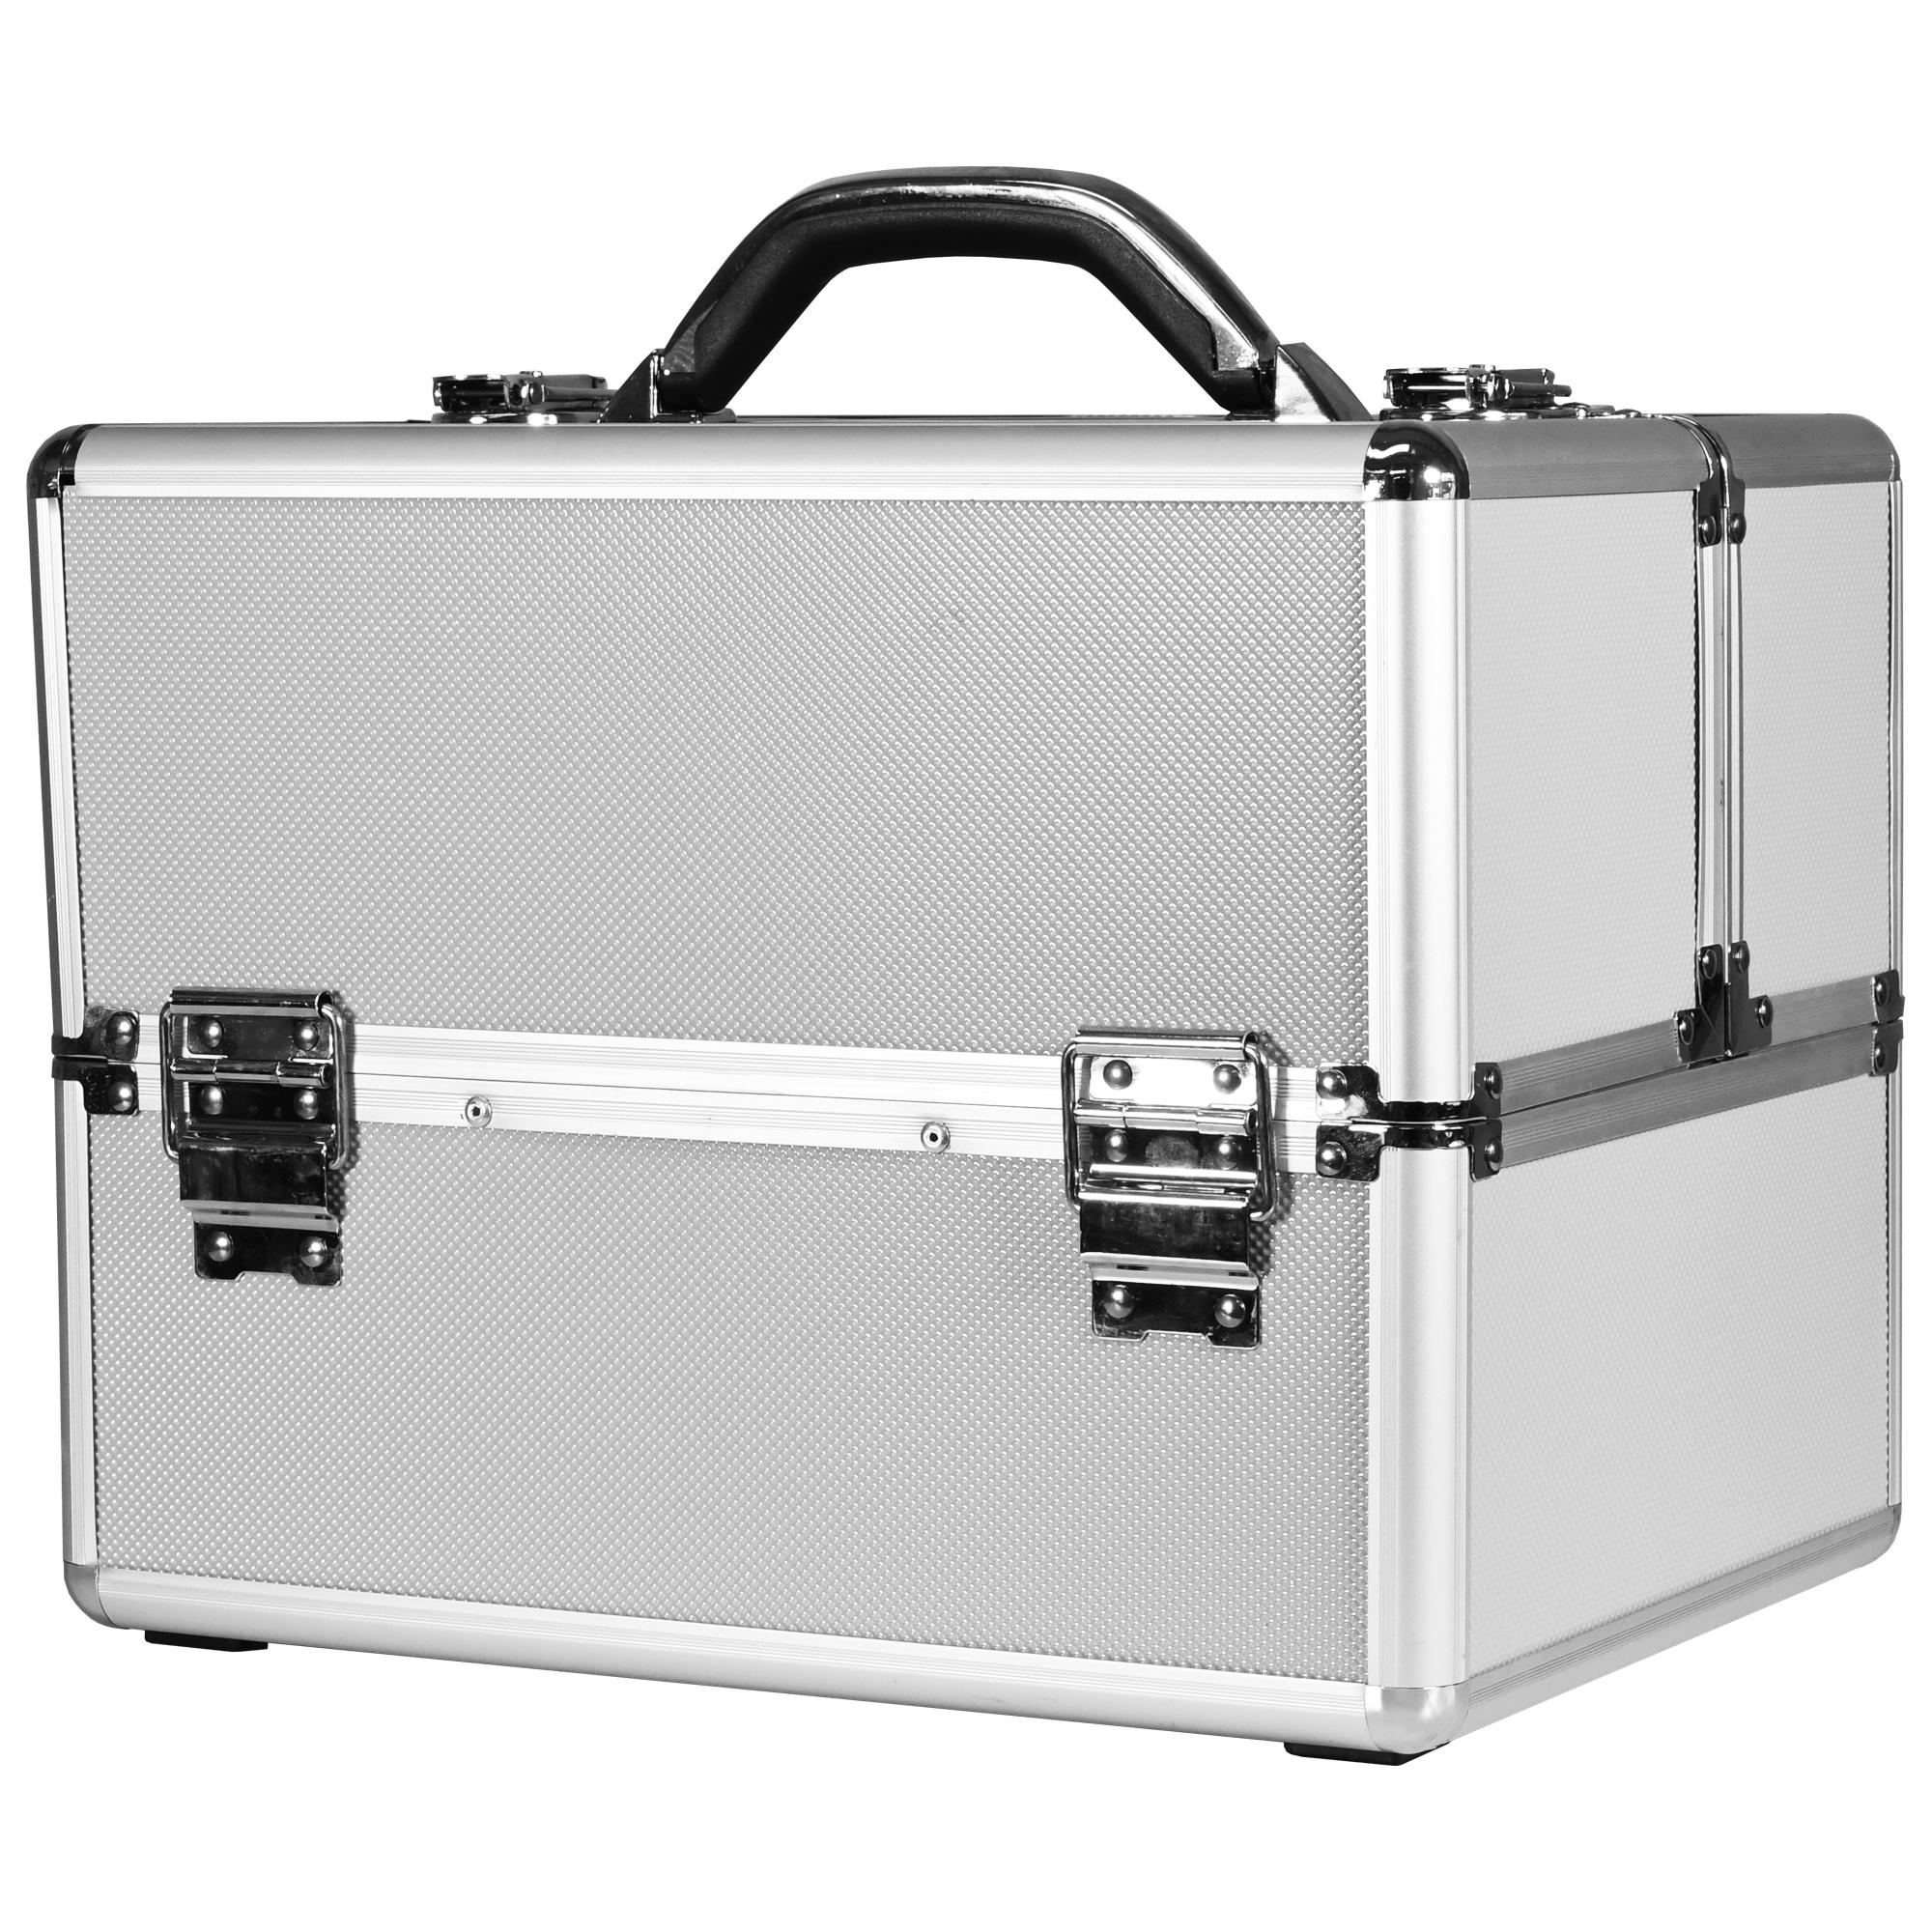 Ráj nehtů Kosmetický kufřík TRIO - stříbrný